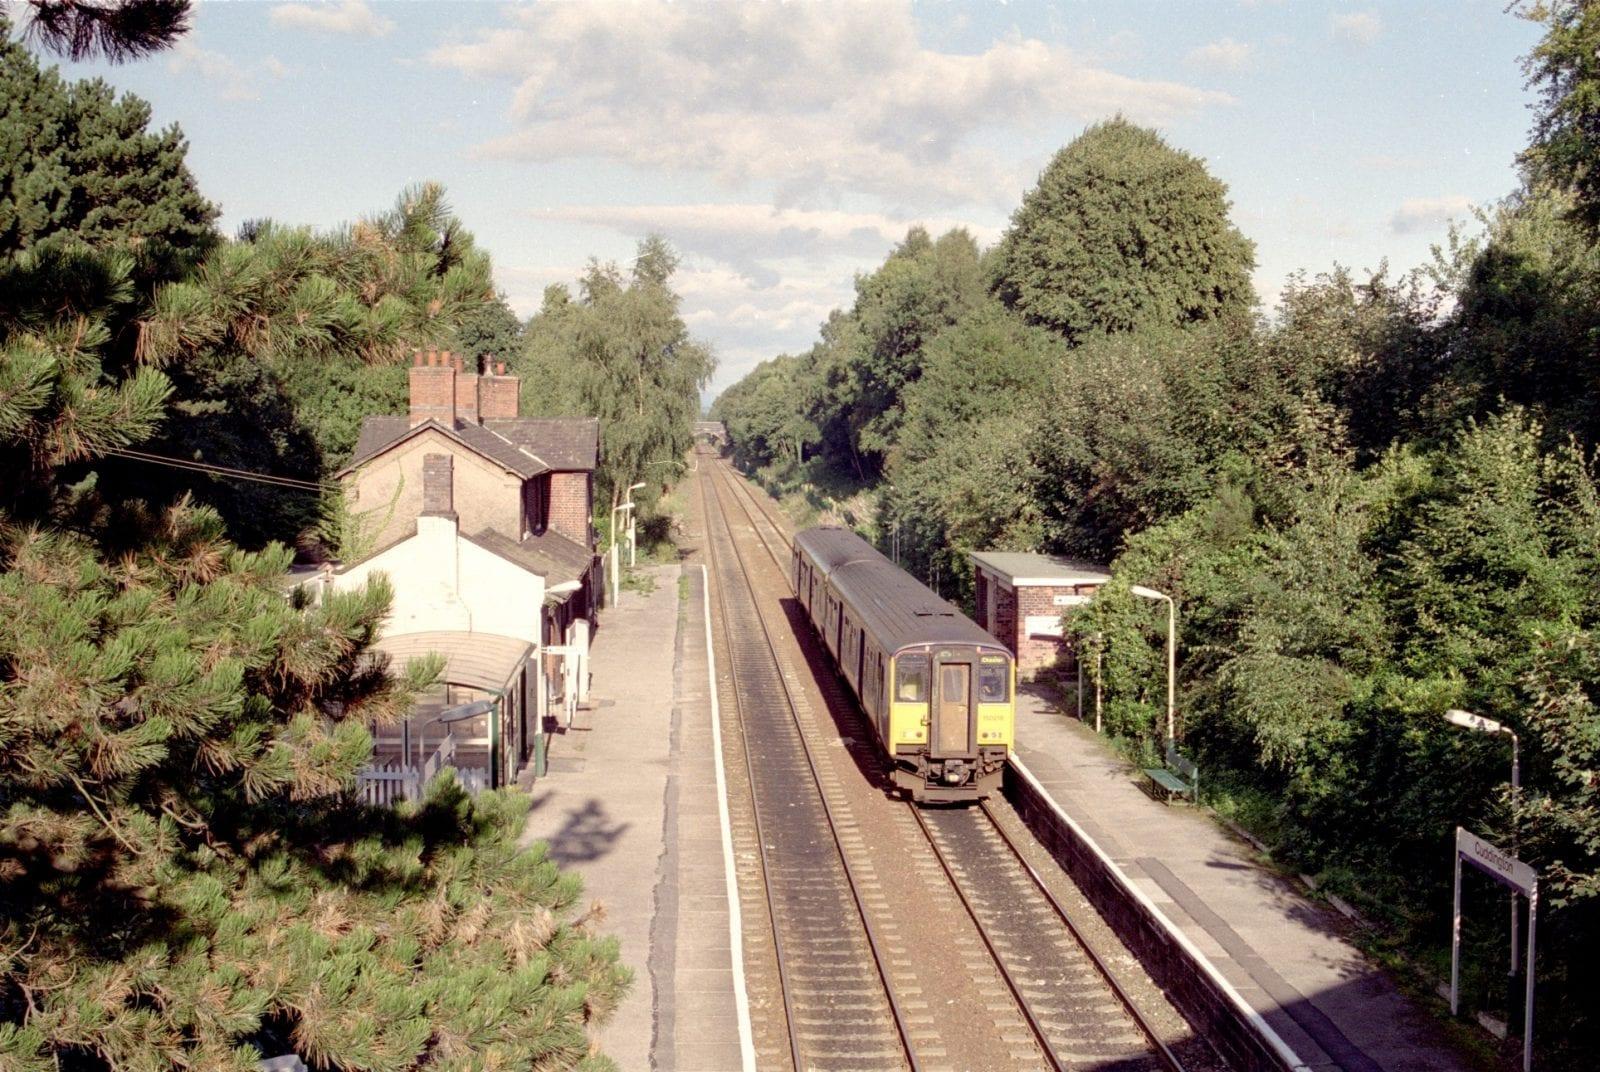 150 218 leaving Cuddington for Chester  9 September 2001<br />©2021 MCRUA